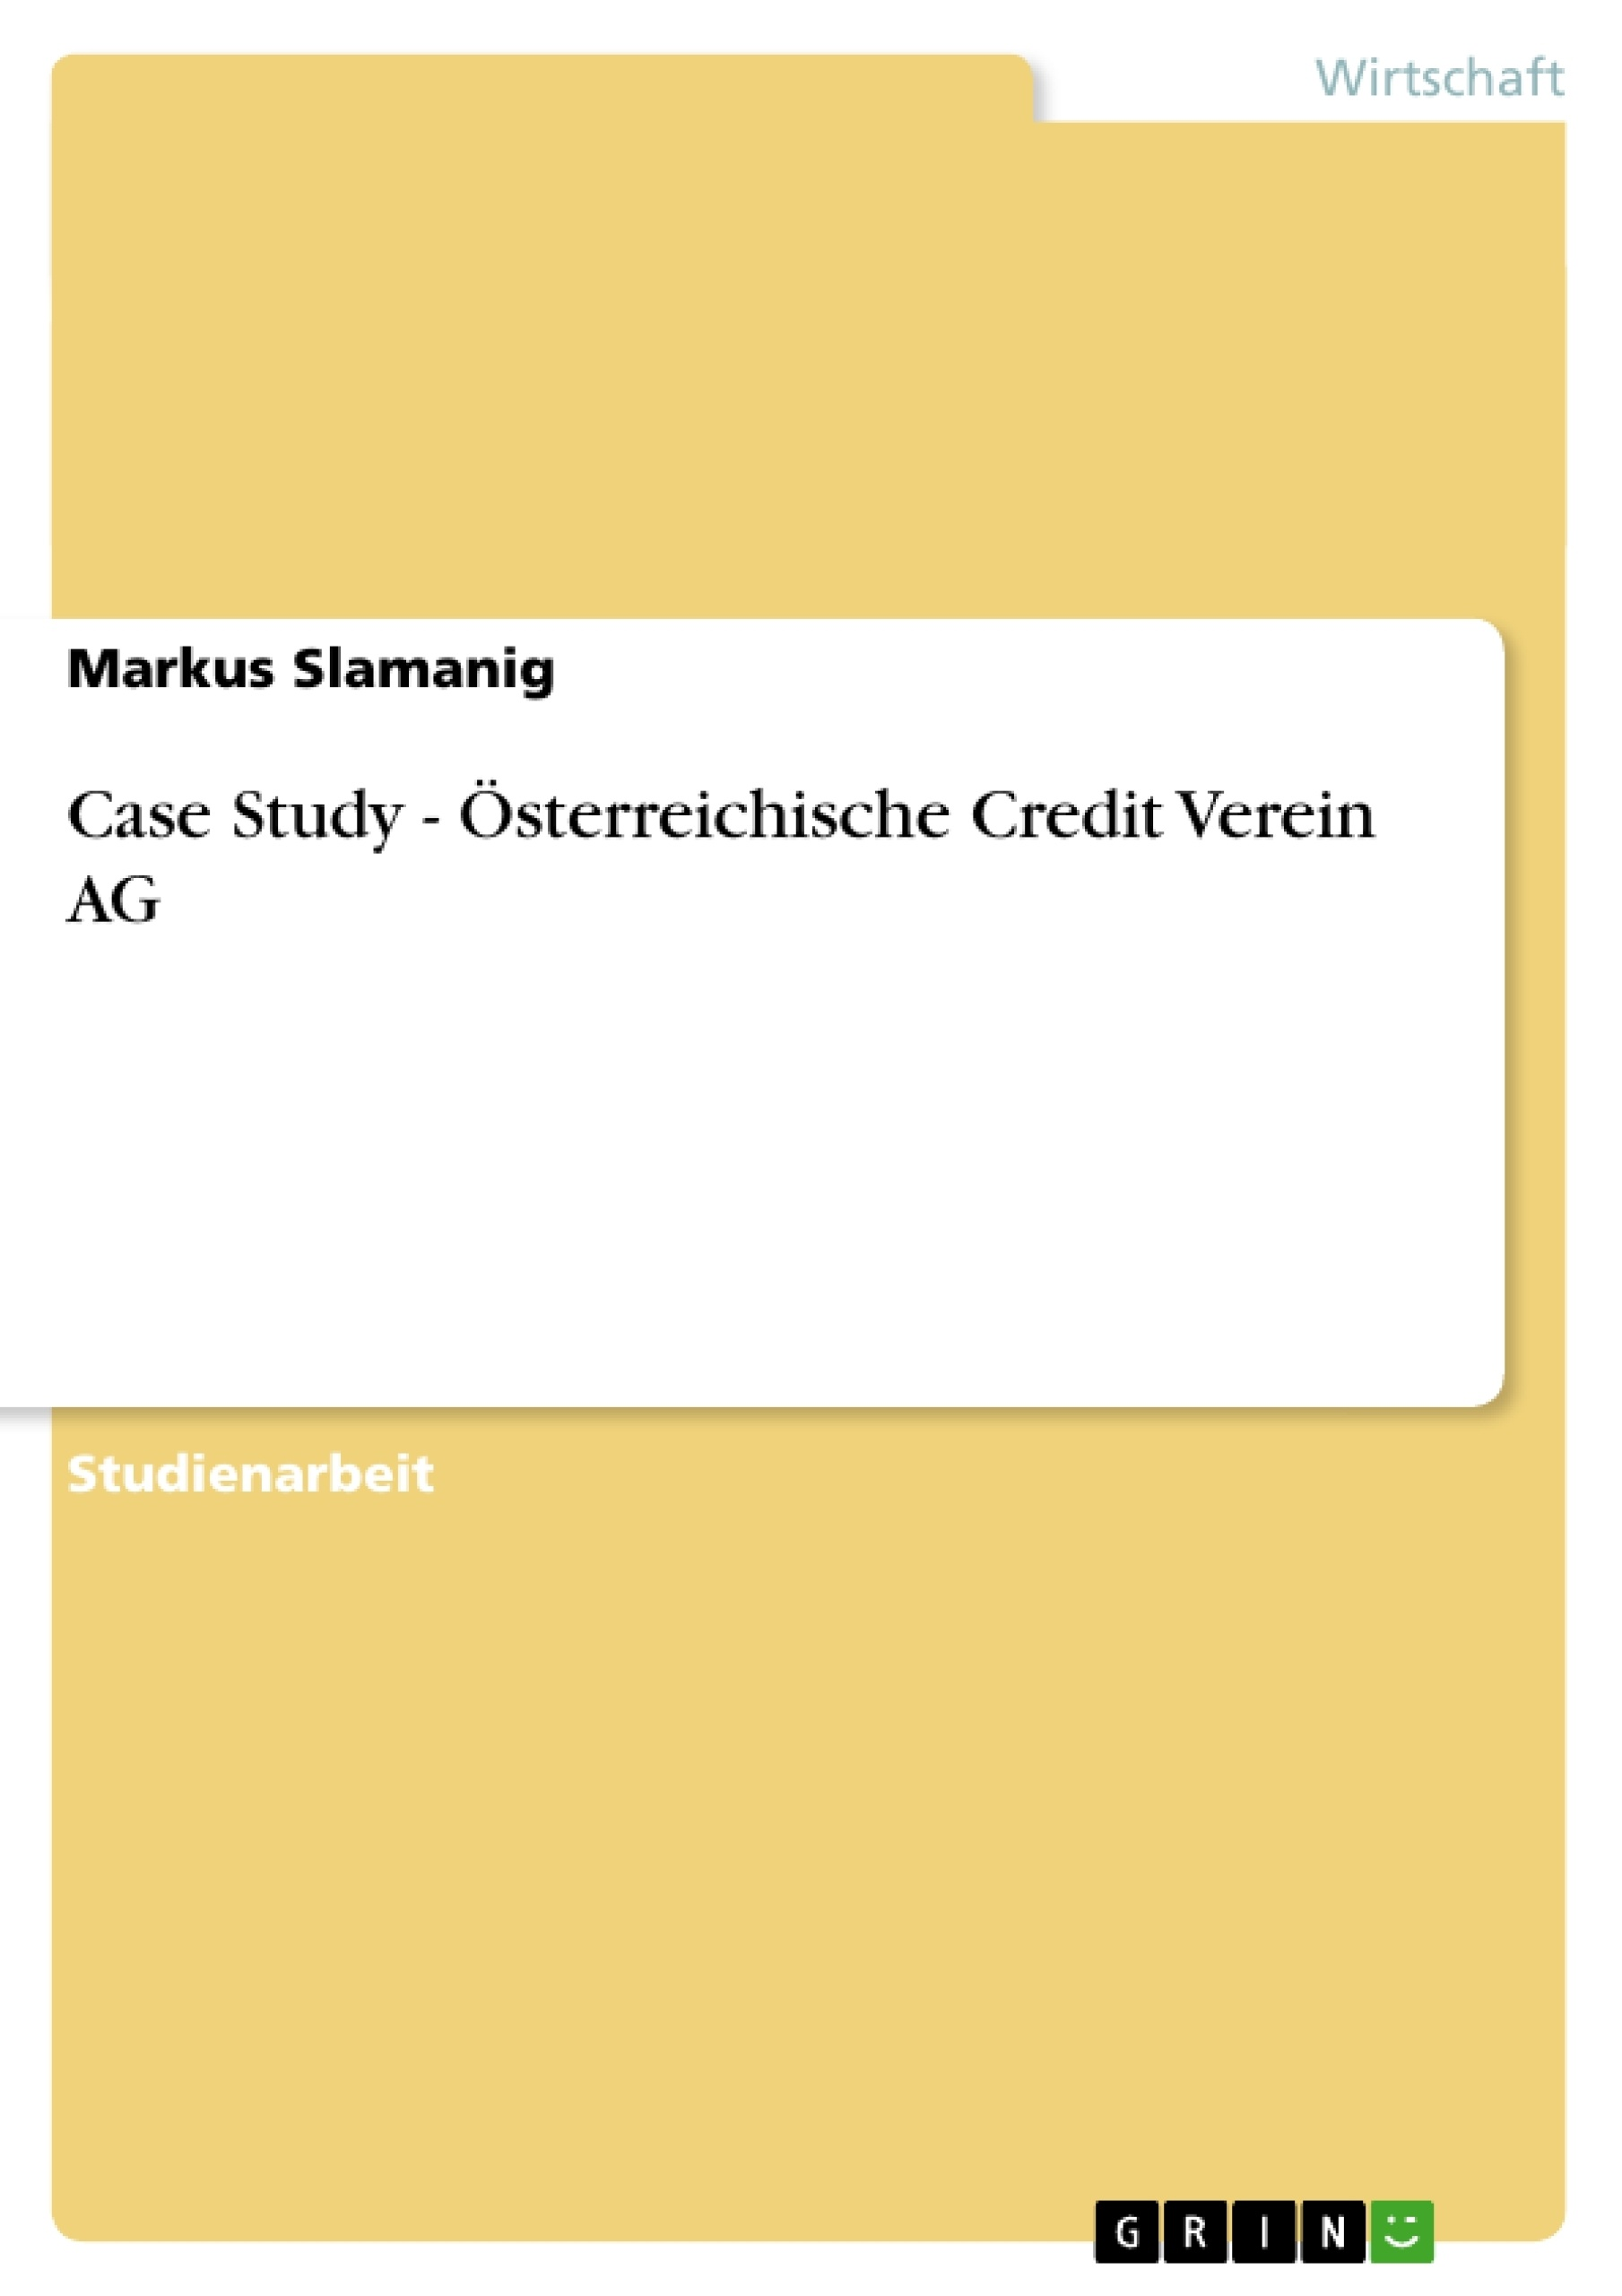 Titel: Case Study - Österreichische Credit Verein AG